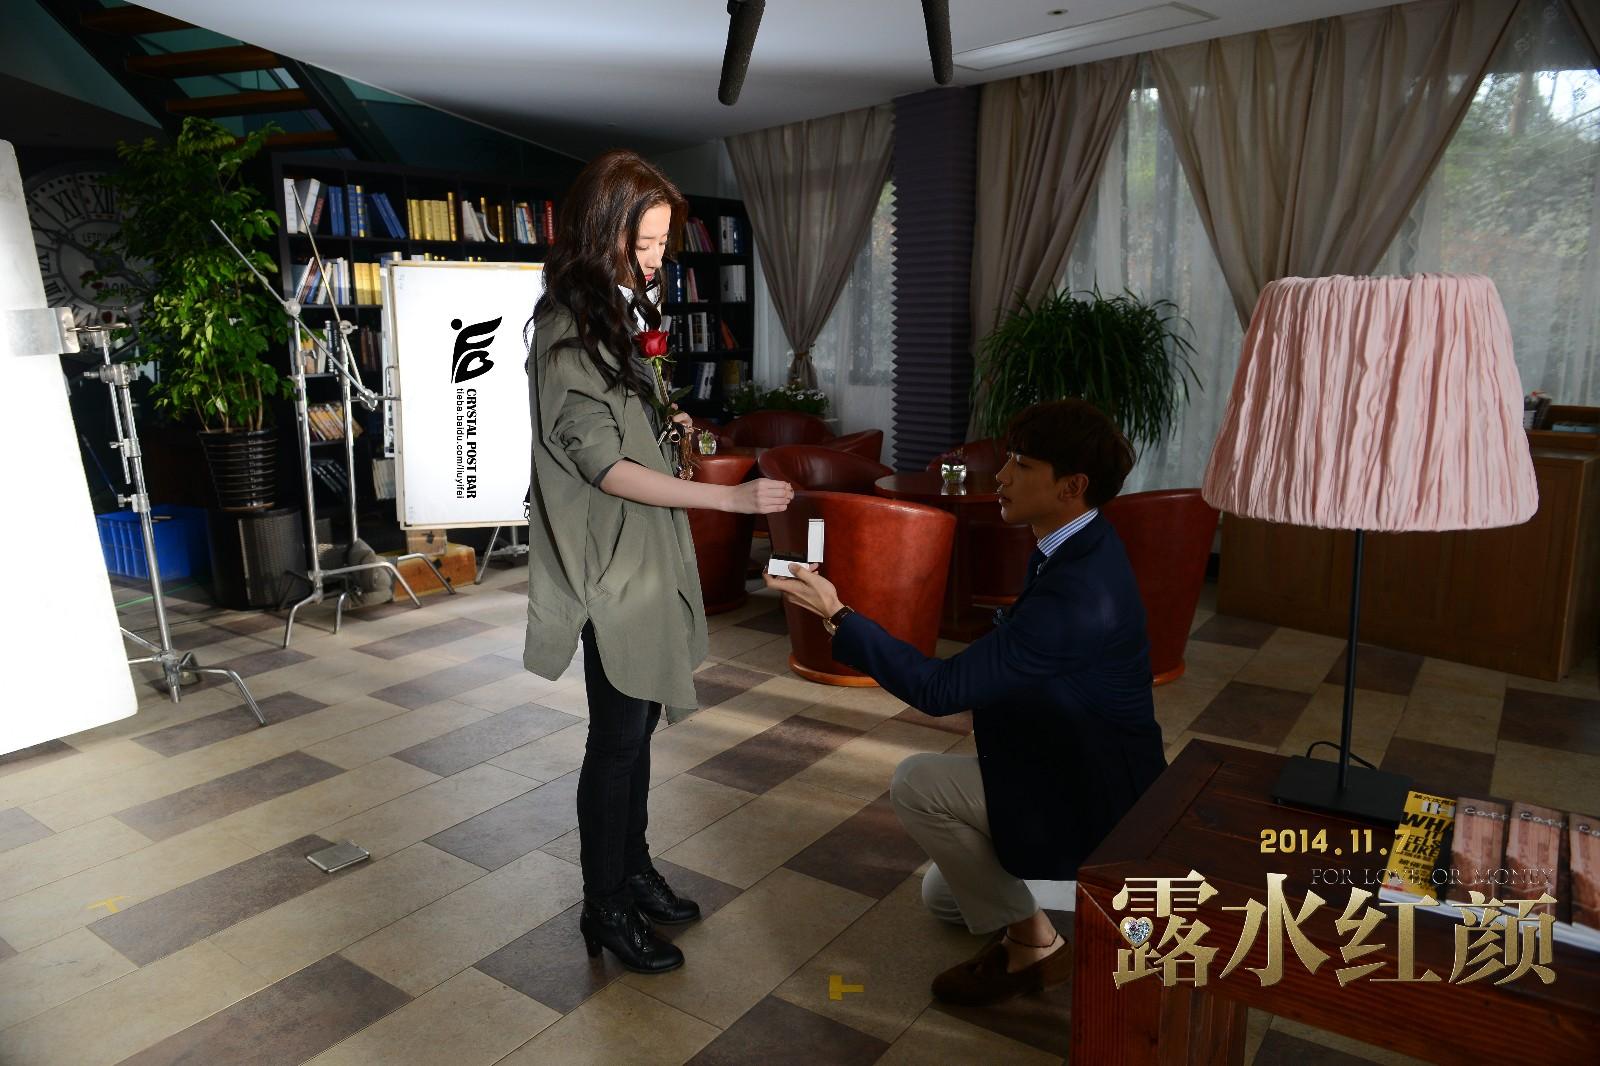 露水红颜高清剧照  《刘亦菲》[2014.11.12]